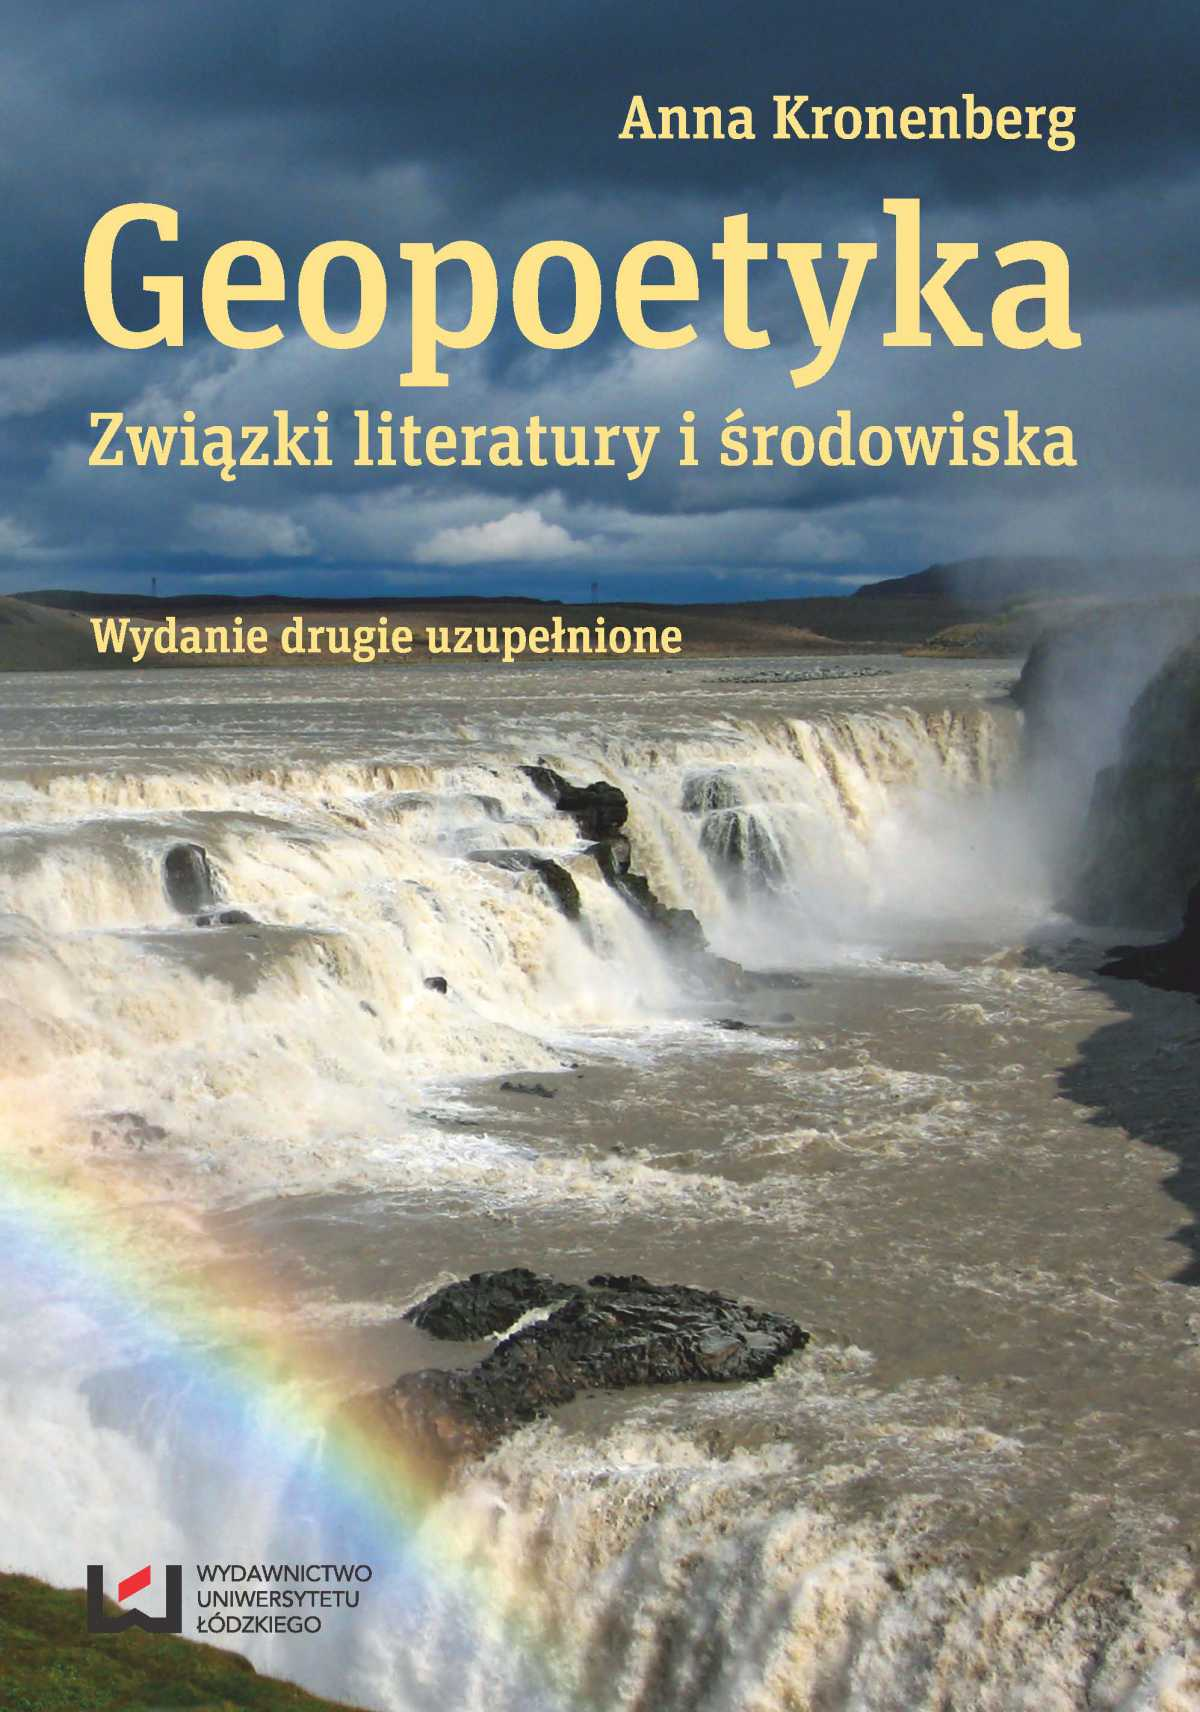 Geopoetyka. Związki literatury i środowiska. Wydanie drugie uzupełnione - Ebook (Książka PDF) do pobrania w formacie PDF